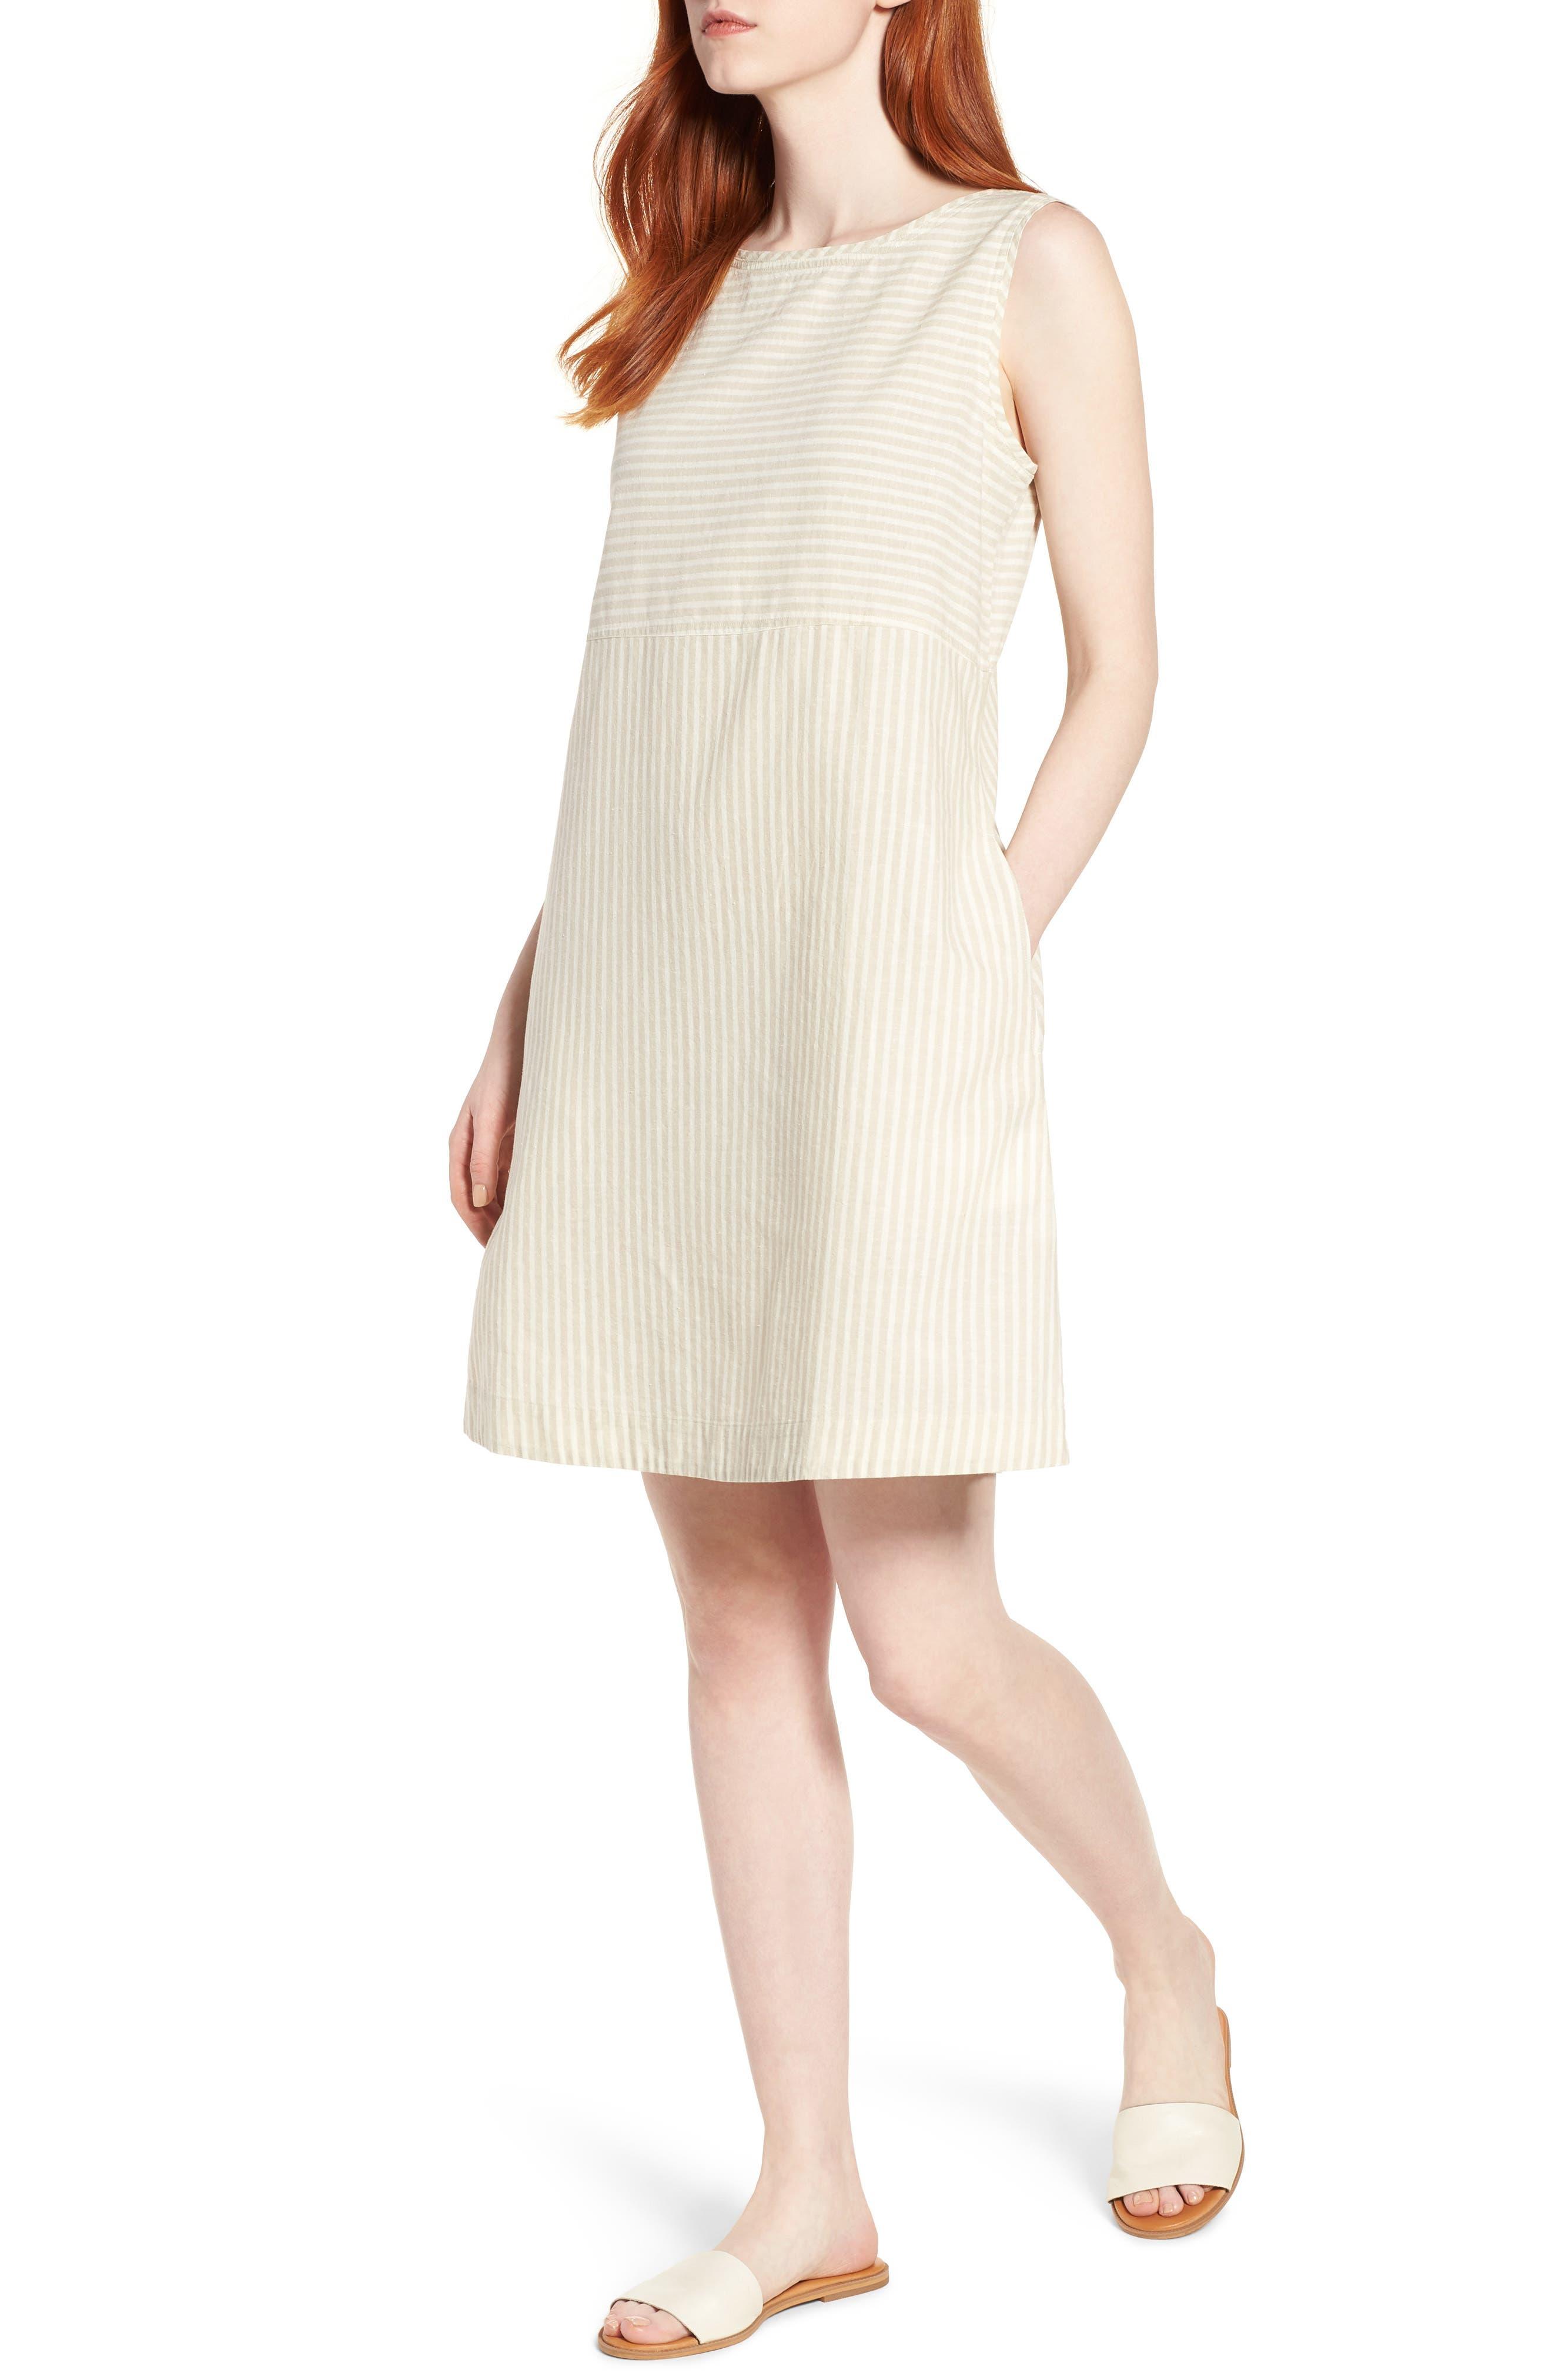 Varied Stripe Hemp & Organic Cotton Shift Dress,                             Main thumbnail 1, color,                             257